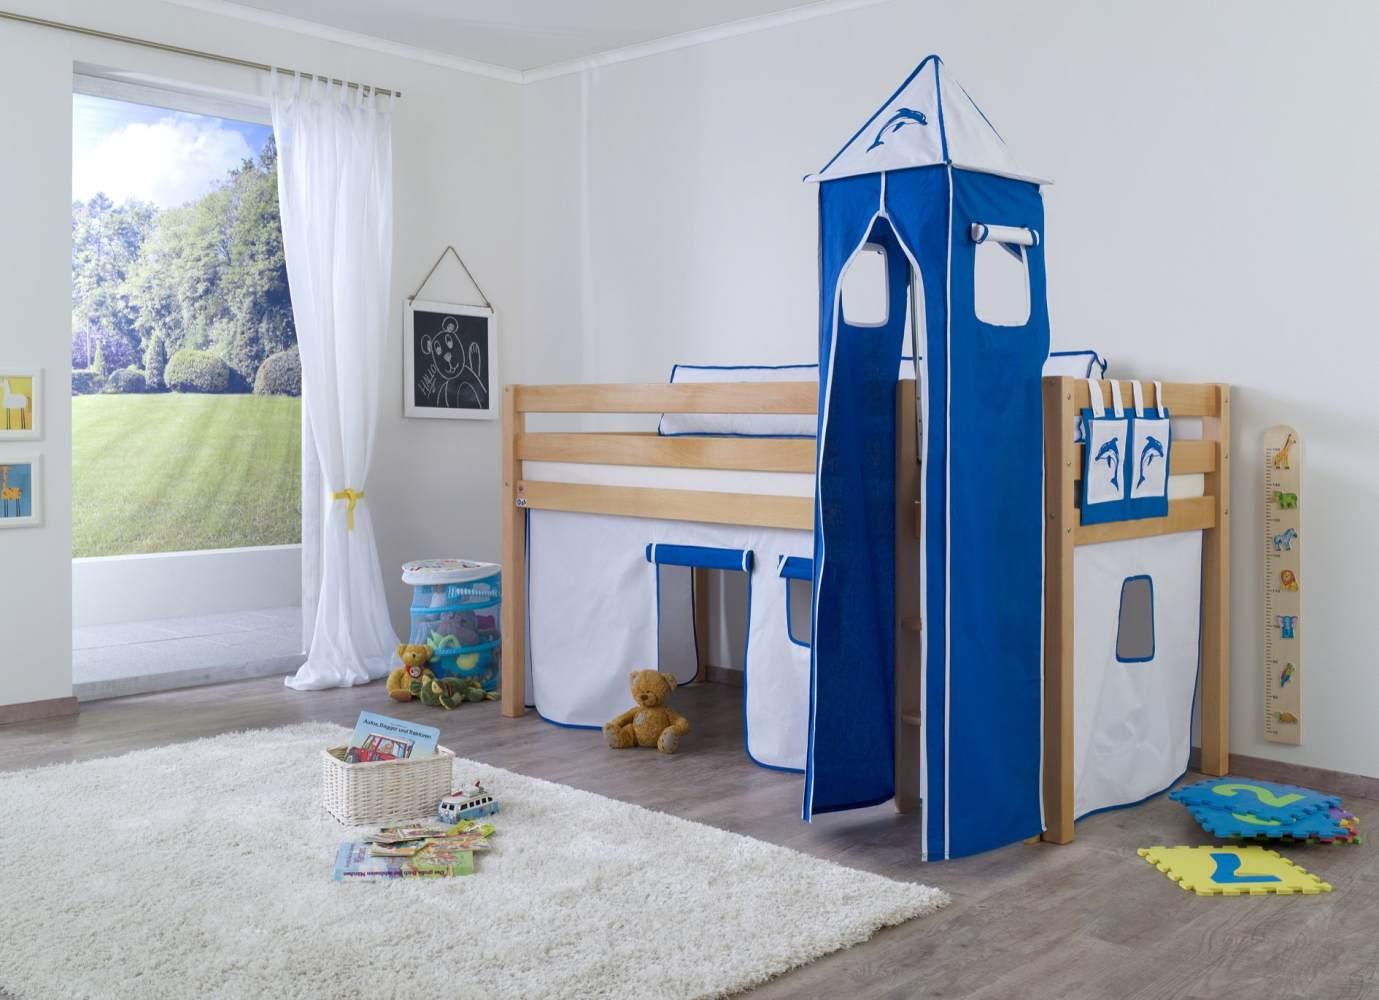 Relita Halbhochbett Spielbett ALEX-13 Buche massiv natur lackiert mit Stoffset Vorhang, Turm, Tasche Bild 1